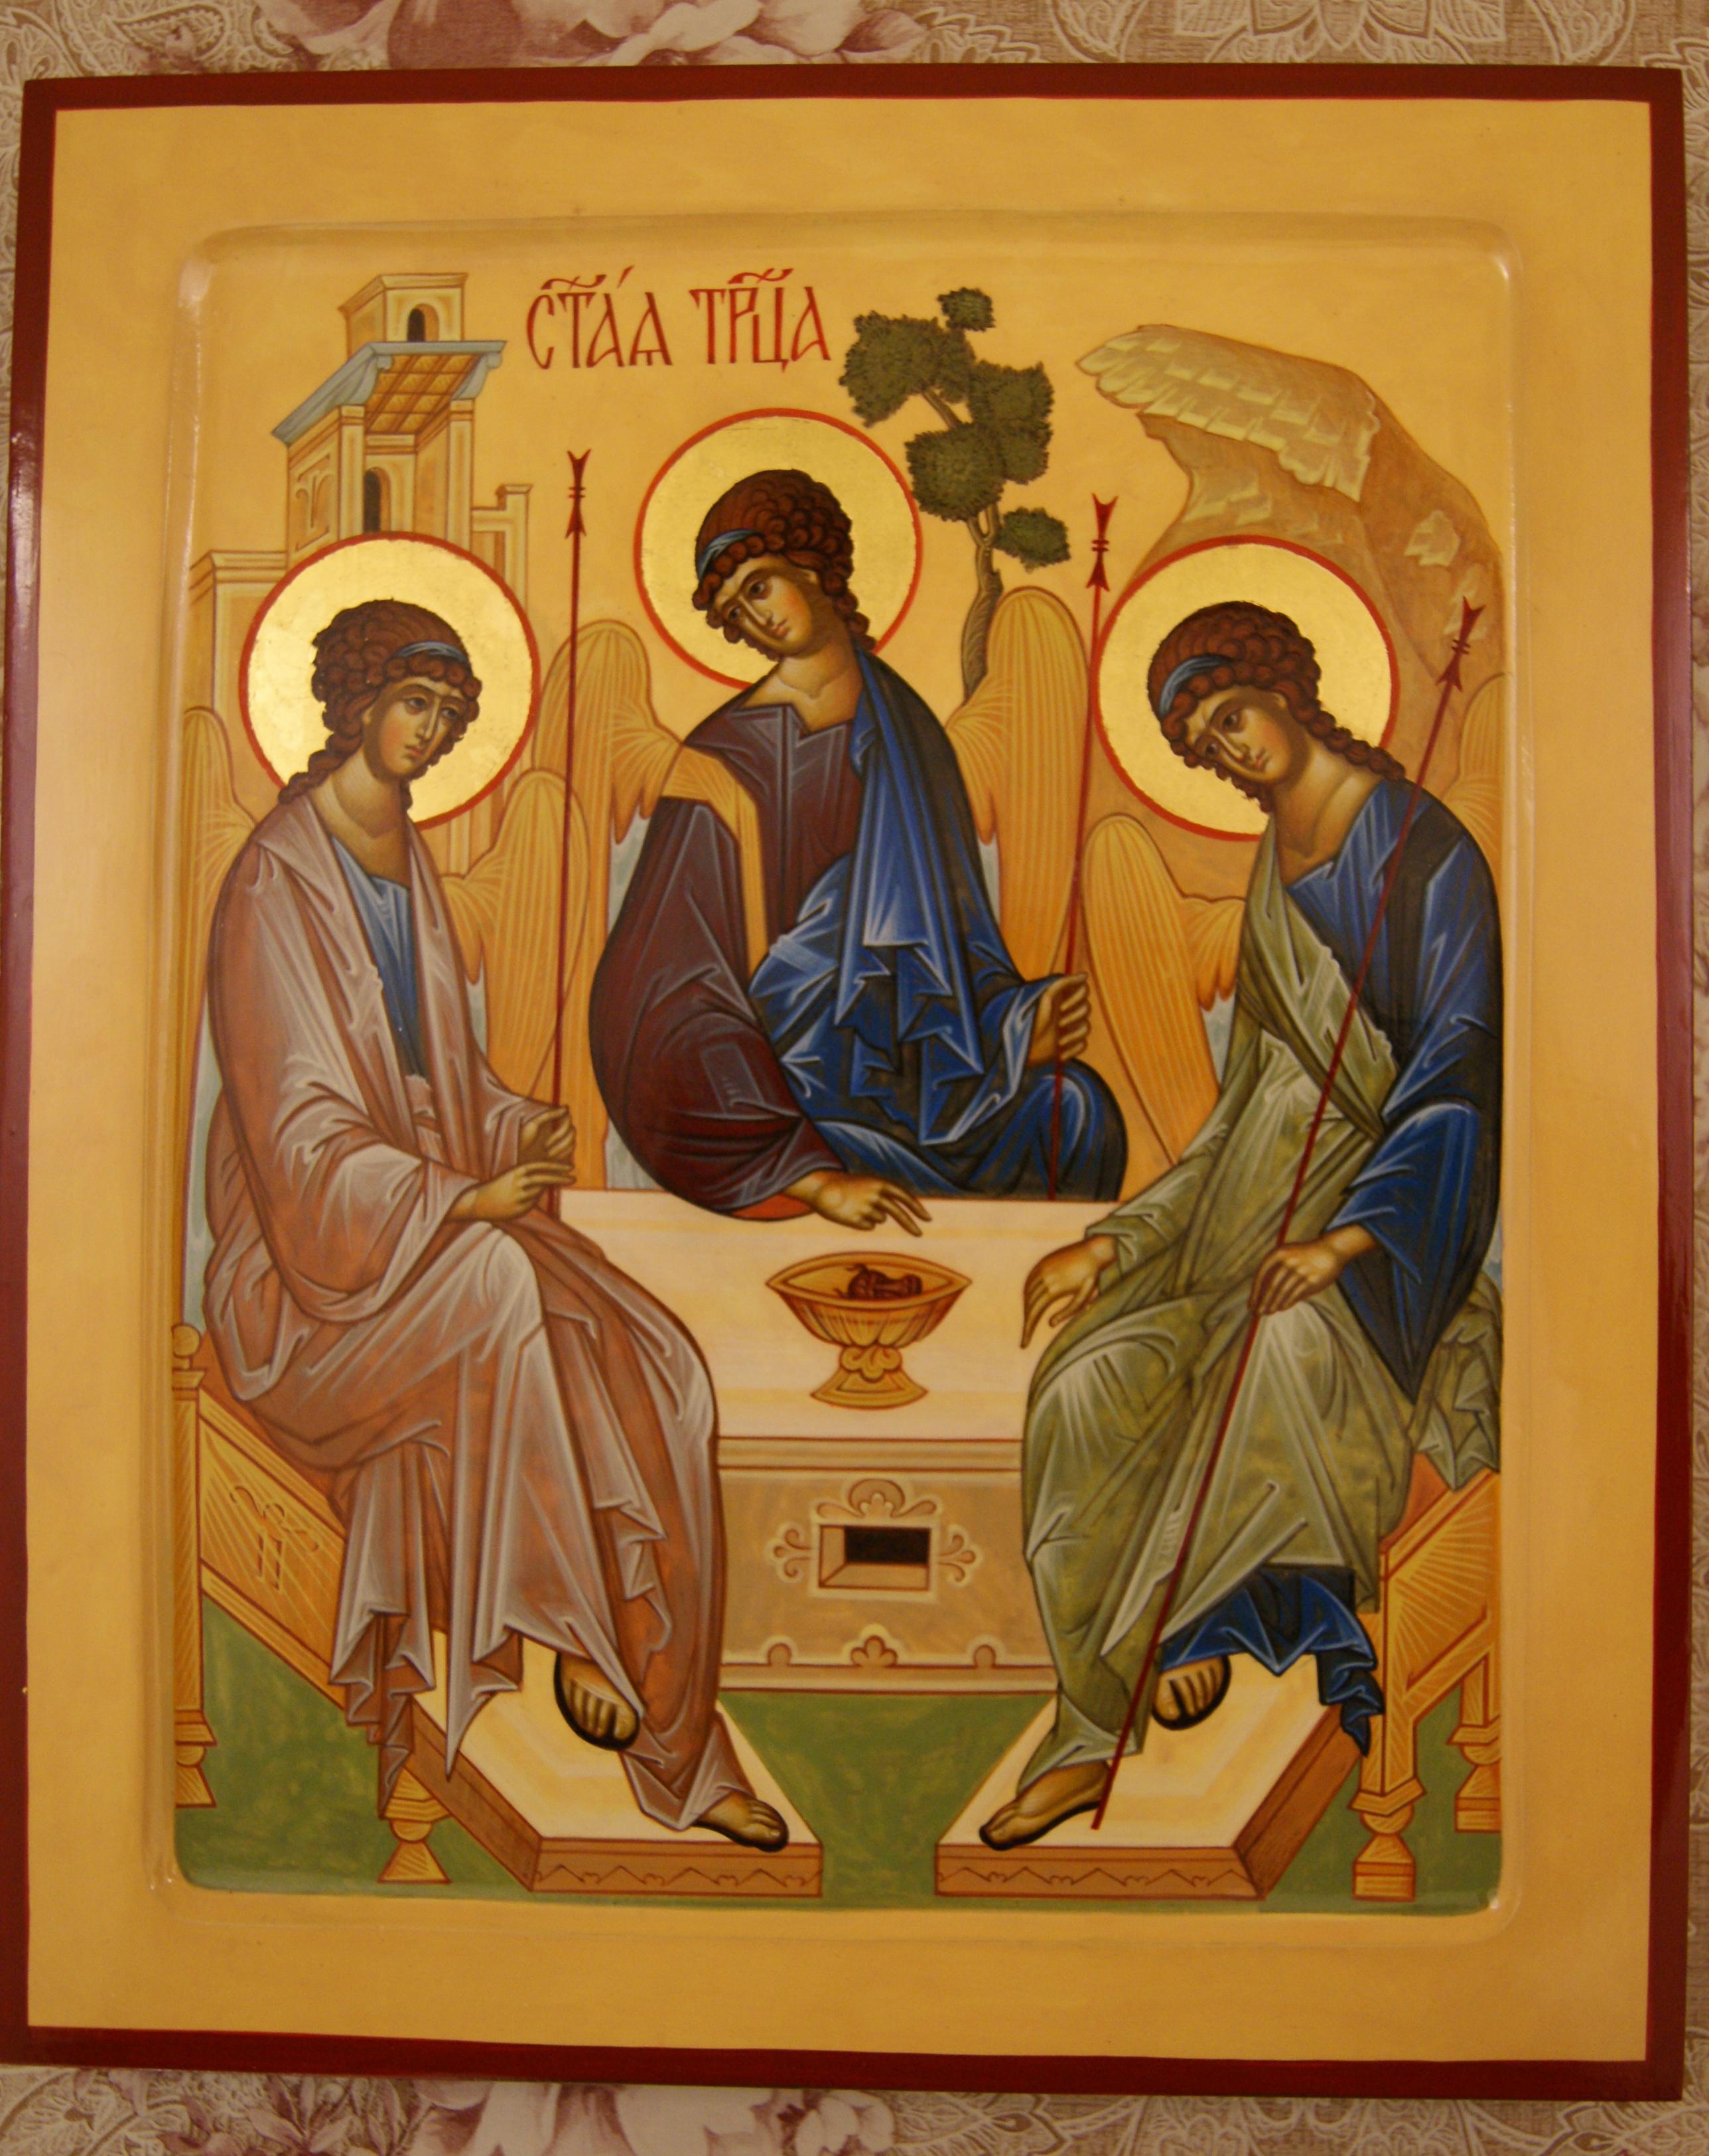 16 июня 2019 года отмечается Троица